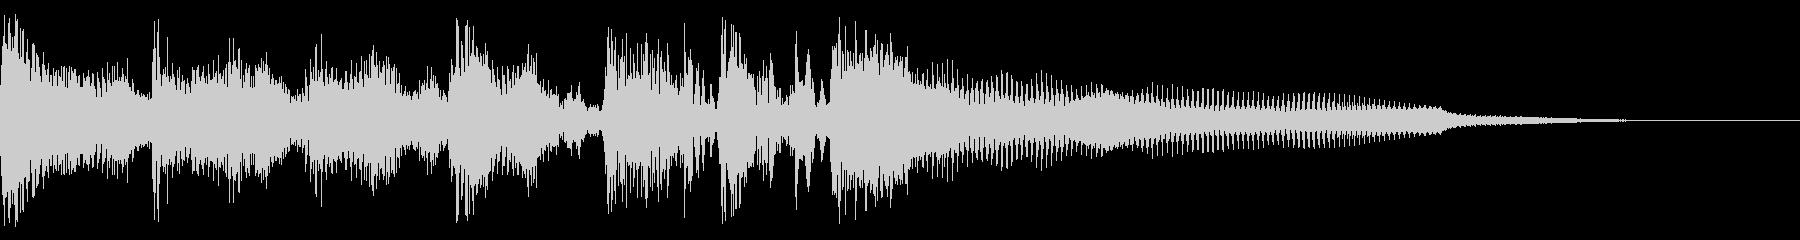 バーナードセグ2の未再生の波形